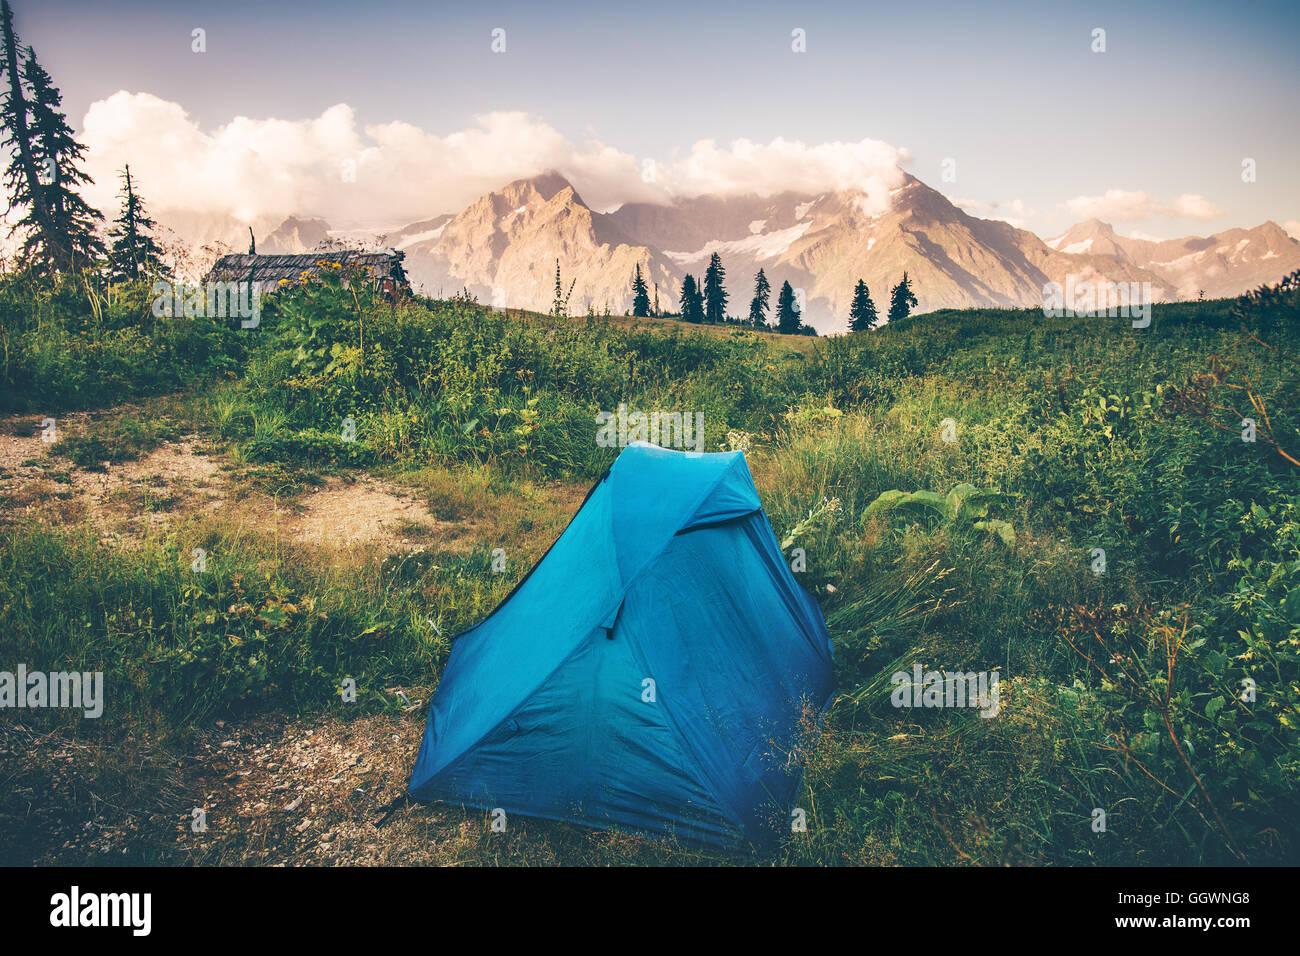 Zelten mit Rocky Mountains Landschaft Reisen Lifestyle Konzept Sommer Abenteuer Urlaub im freien Stockbild